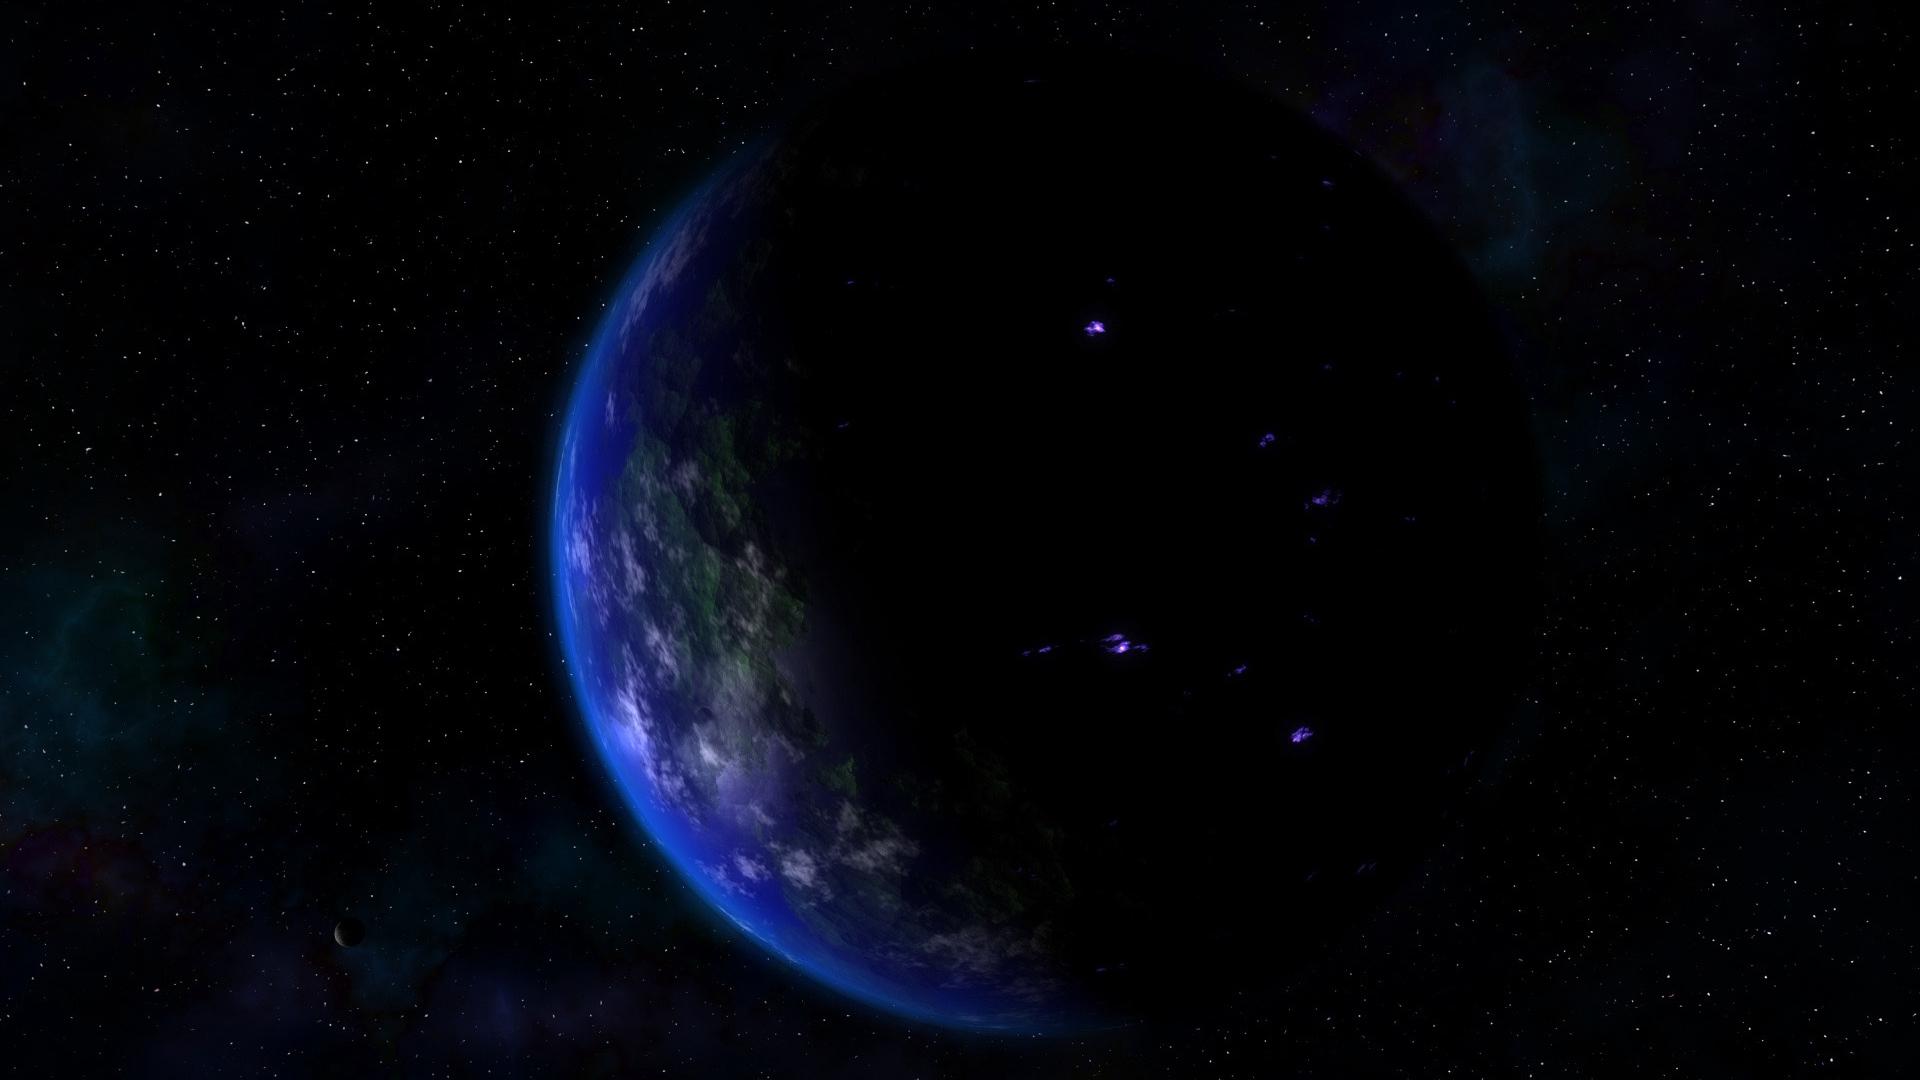 Классные и прикольные обои космоса и неба на рабочий стол - сборка №7 11